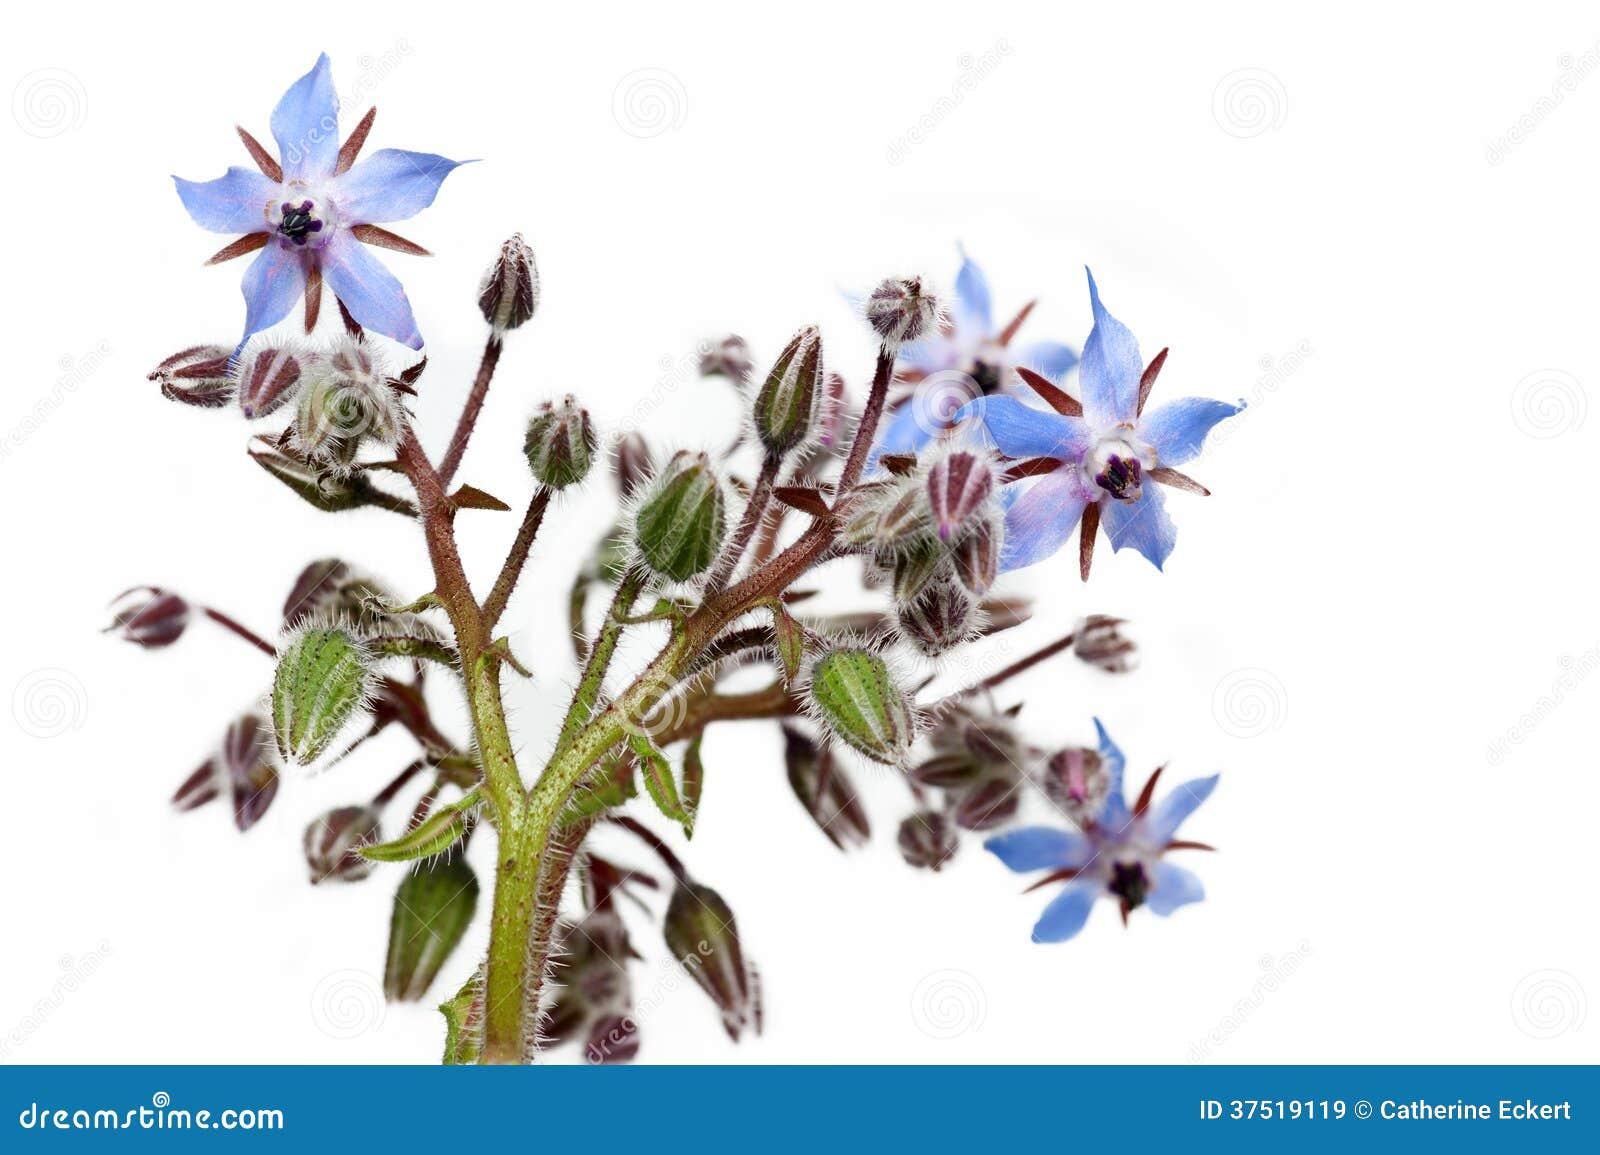 Fleurs De Bourrache Images libres de droits - Image: 37519119